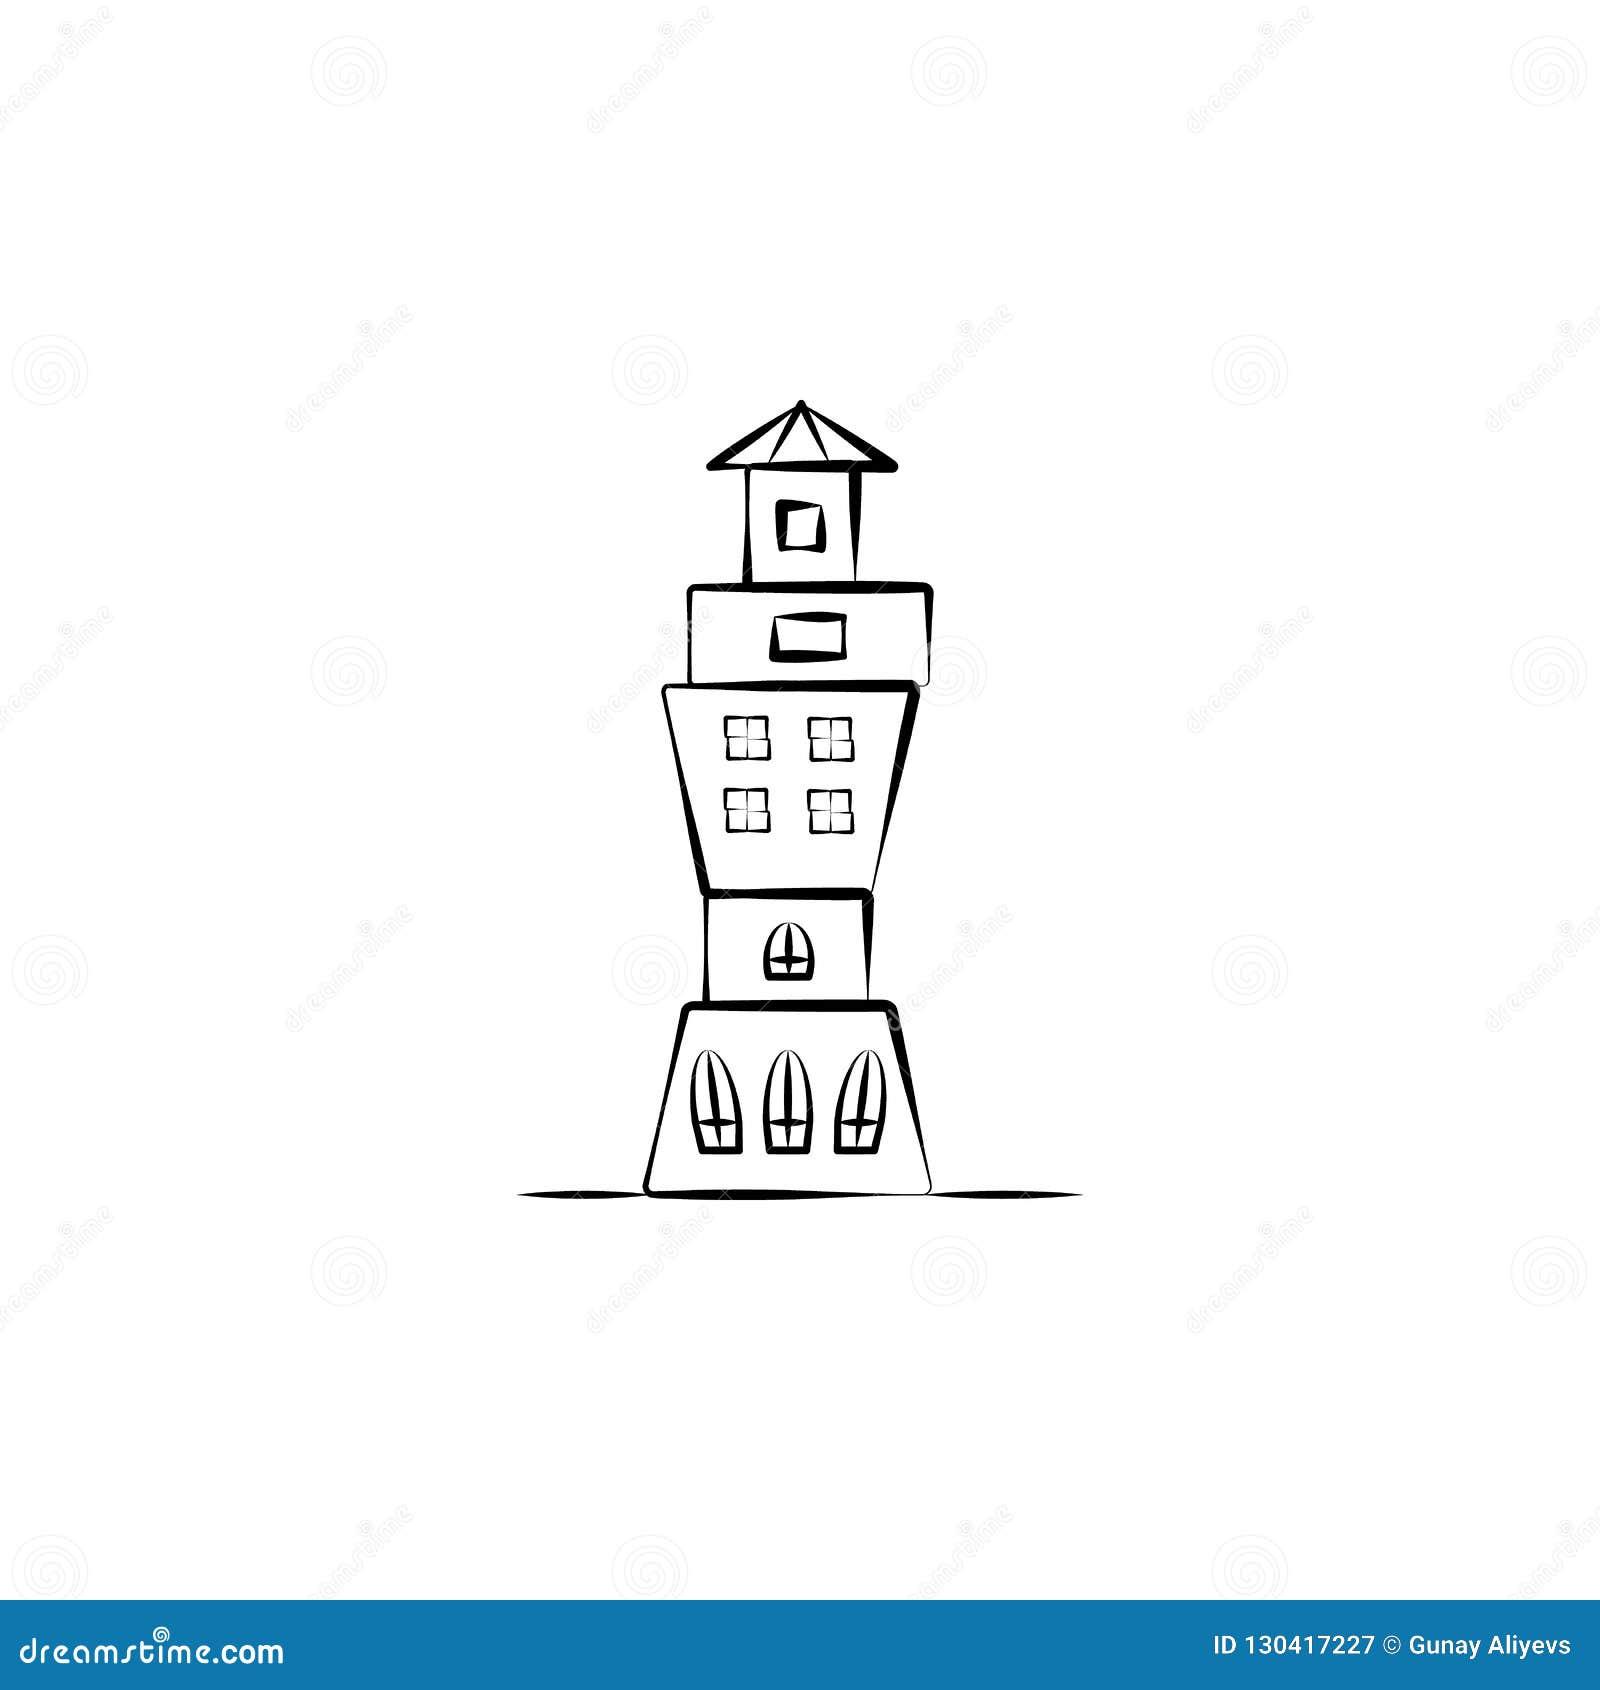 Icône imaginaire de maison élément dicône imaginaire tirée par la